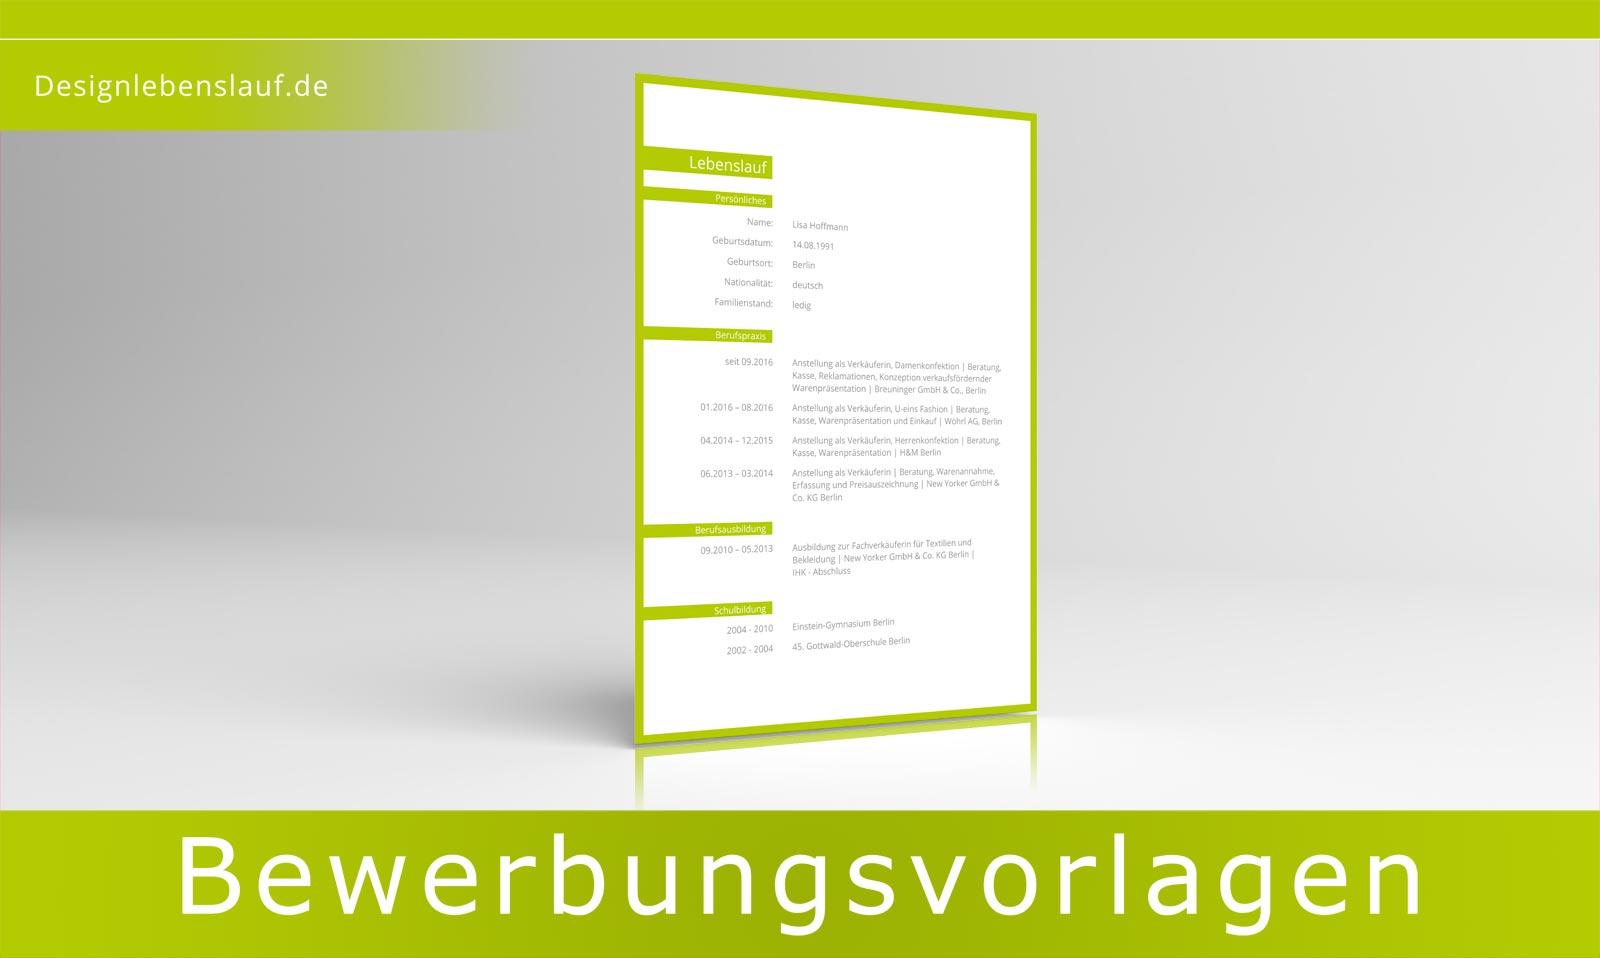 Muster Lebenslauf für Word und Open Office | Designlebenslauf.de